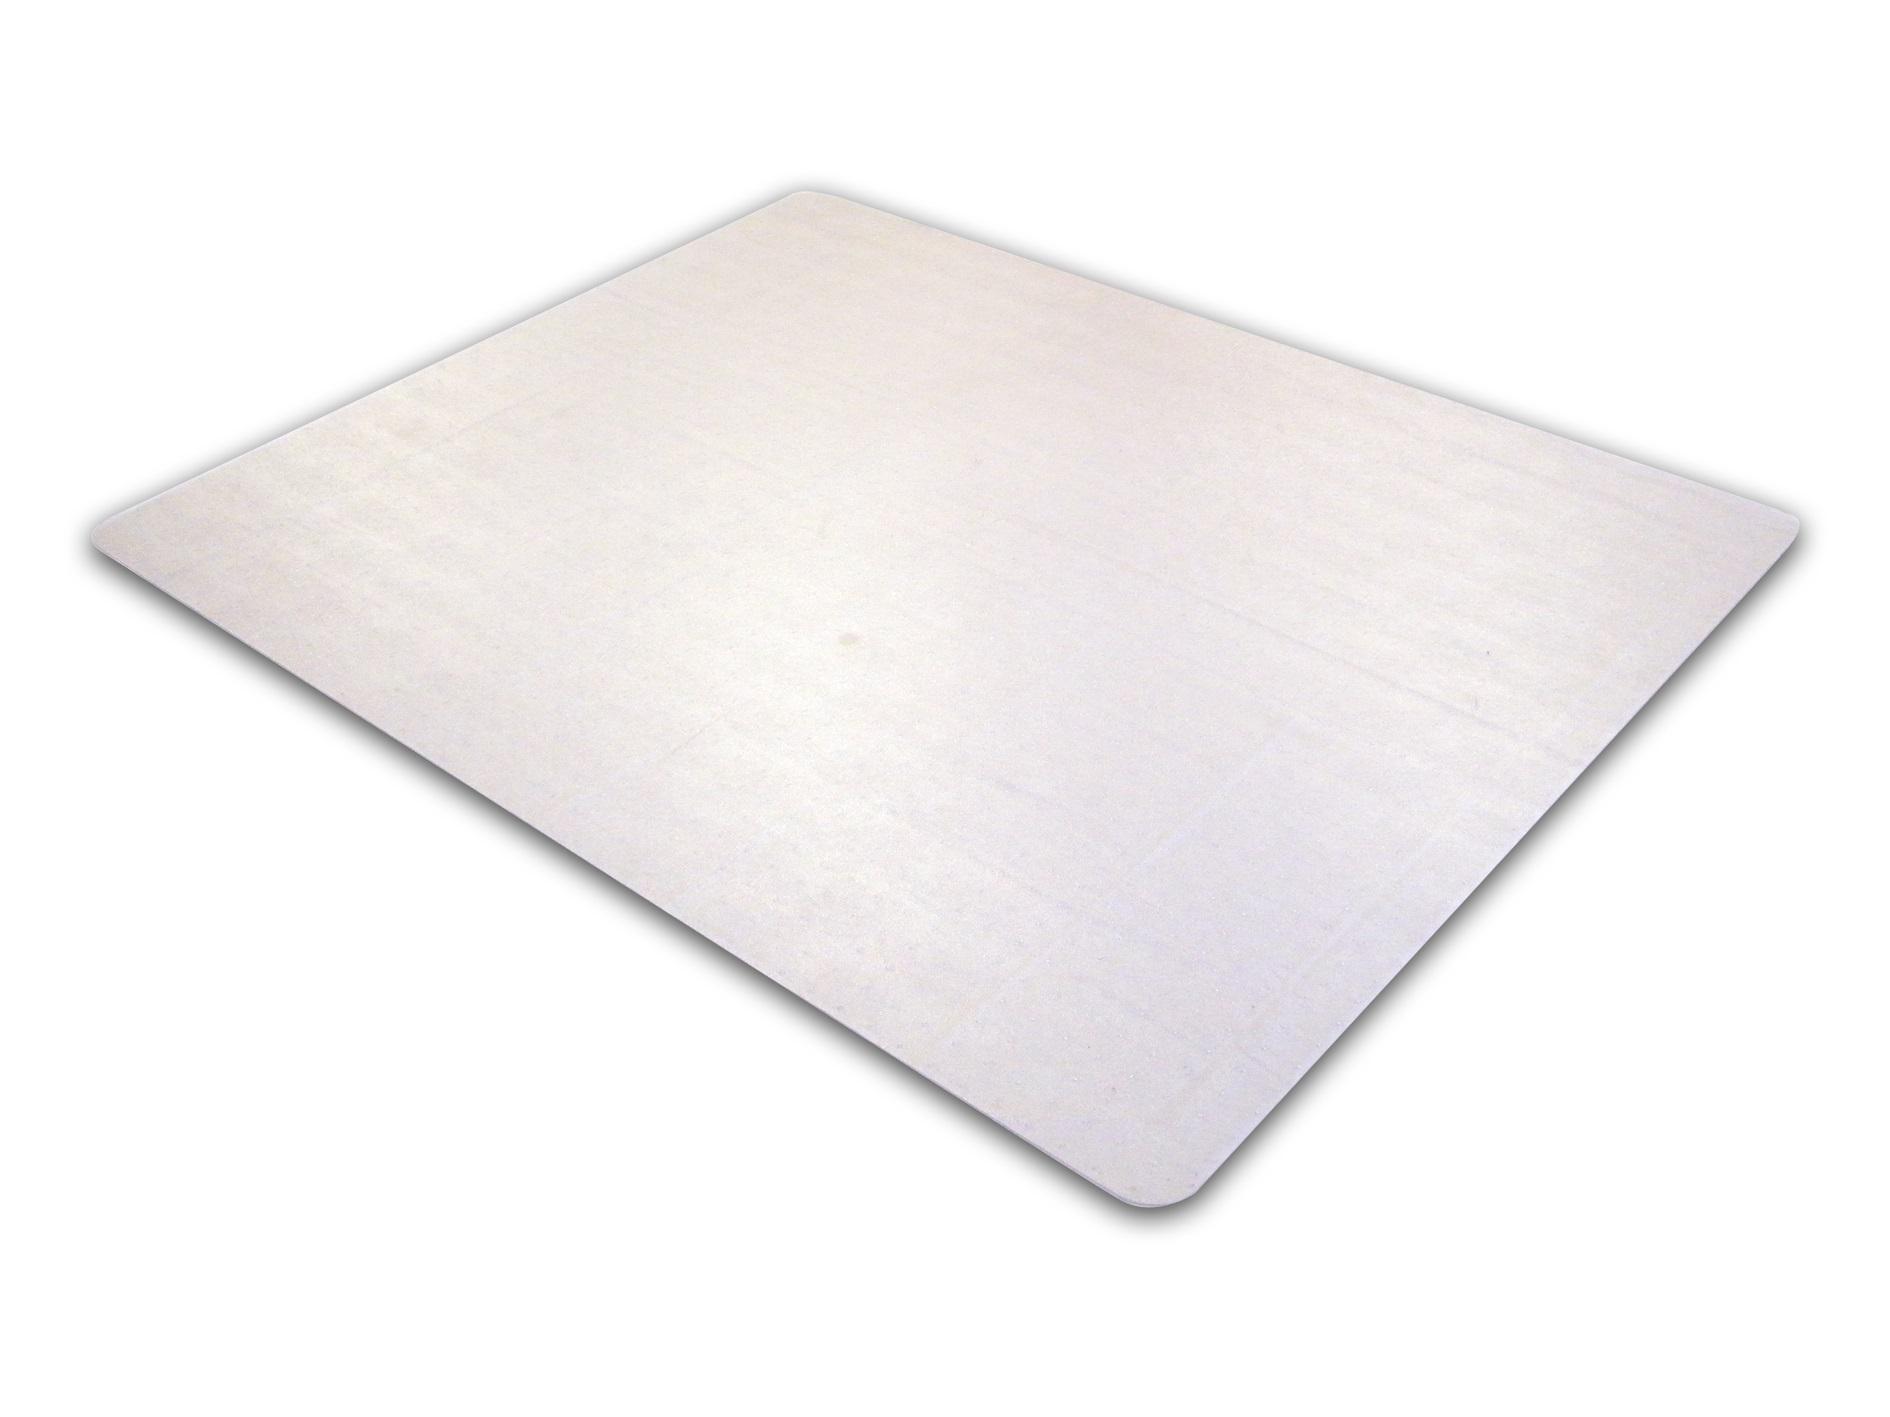 cleartex advantagemat 46 x 60 low pile carpet chair mat